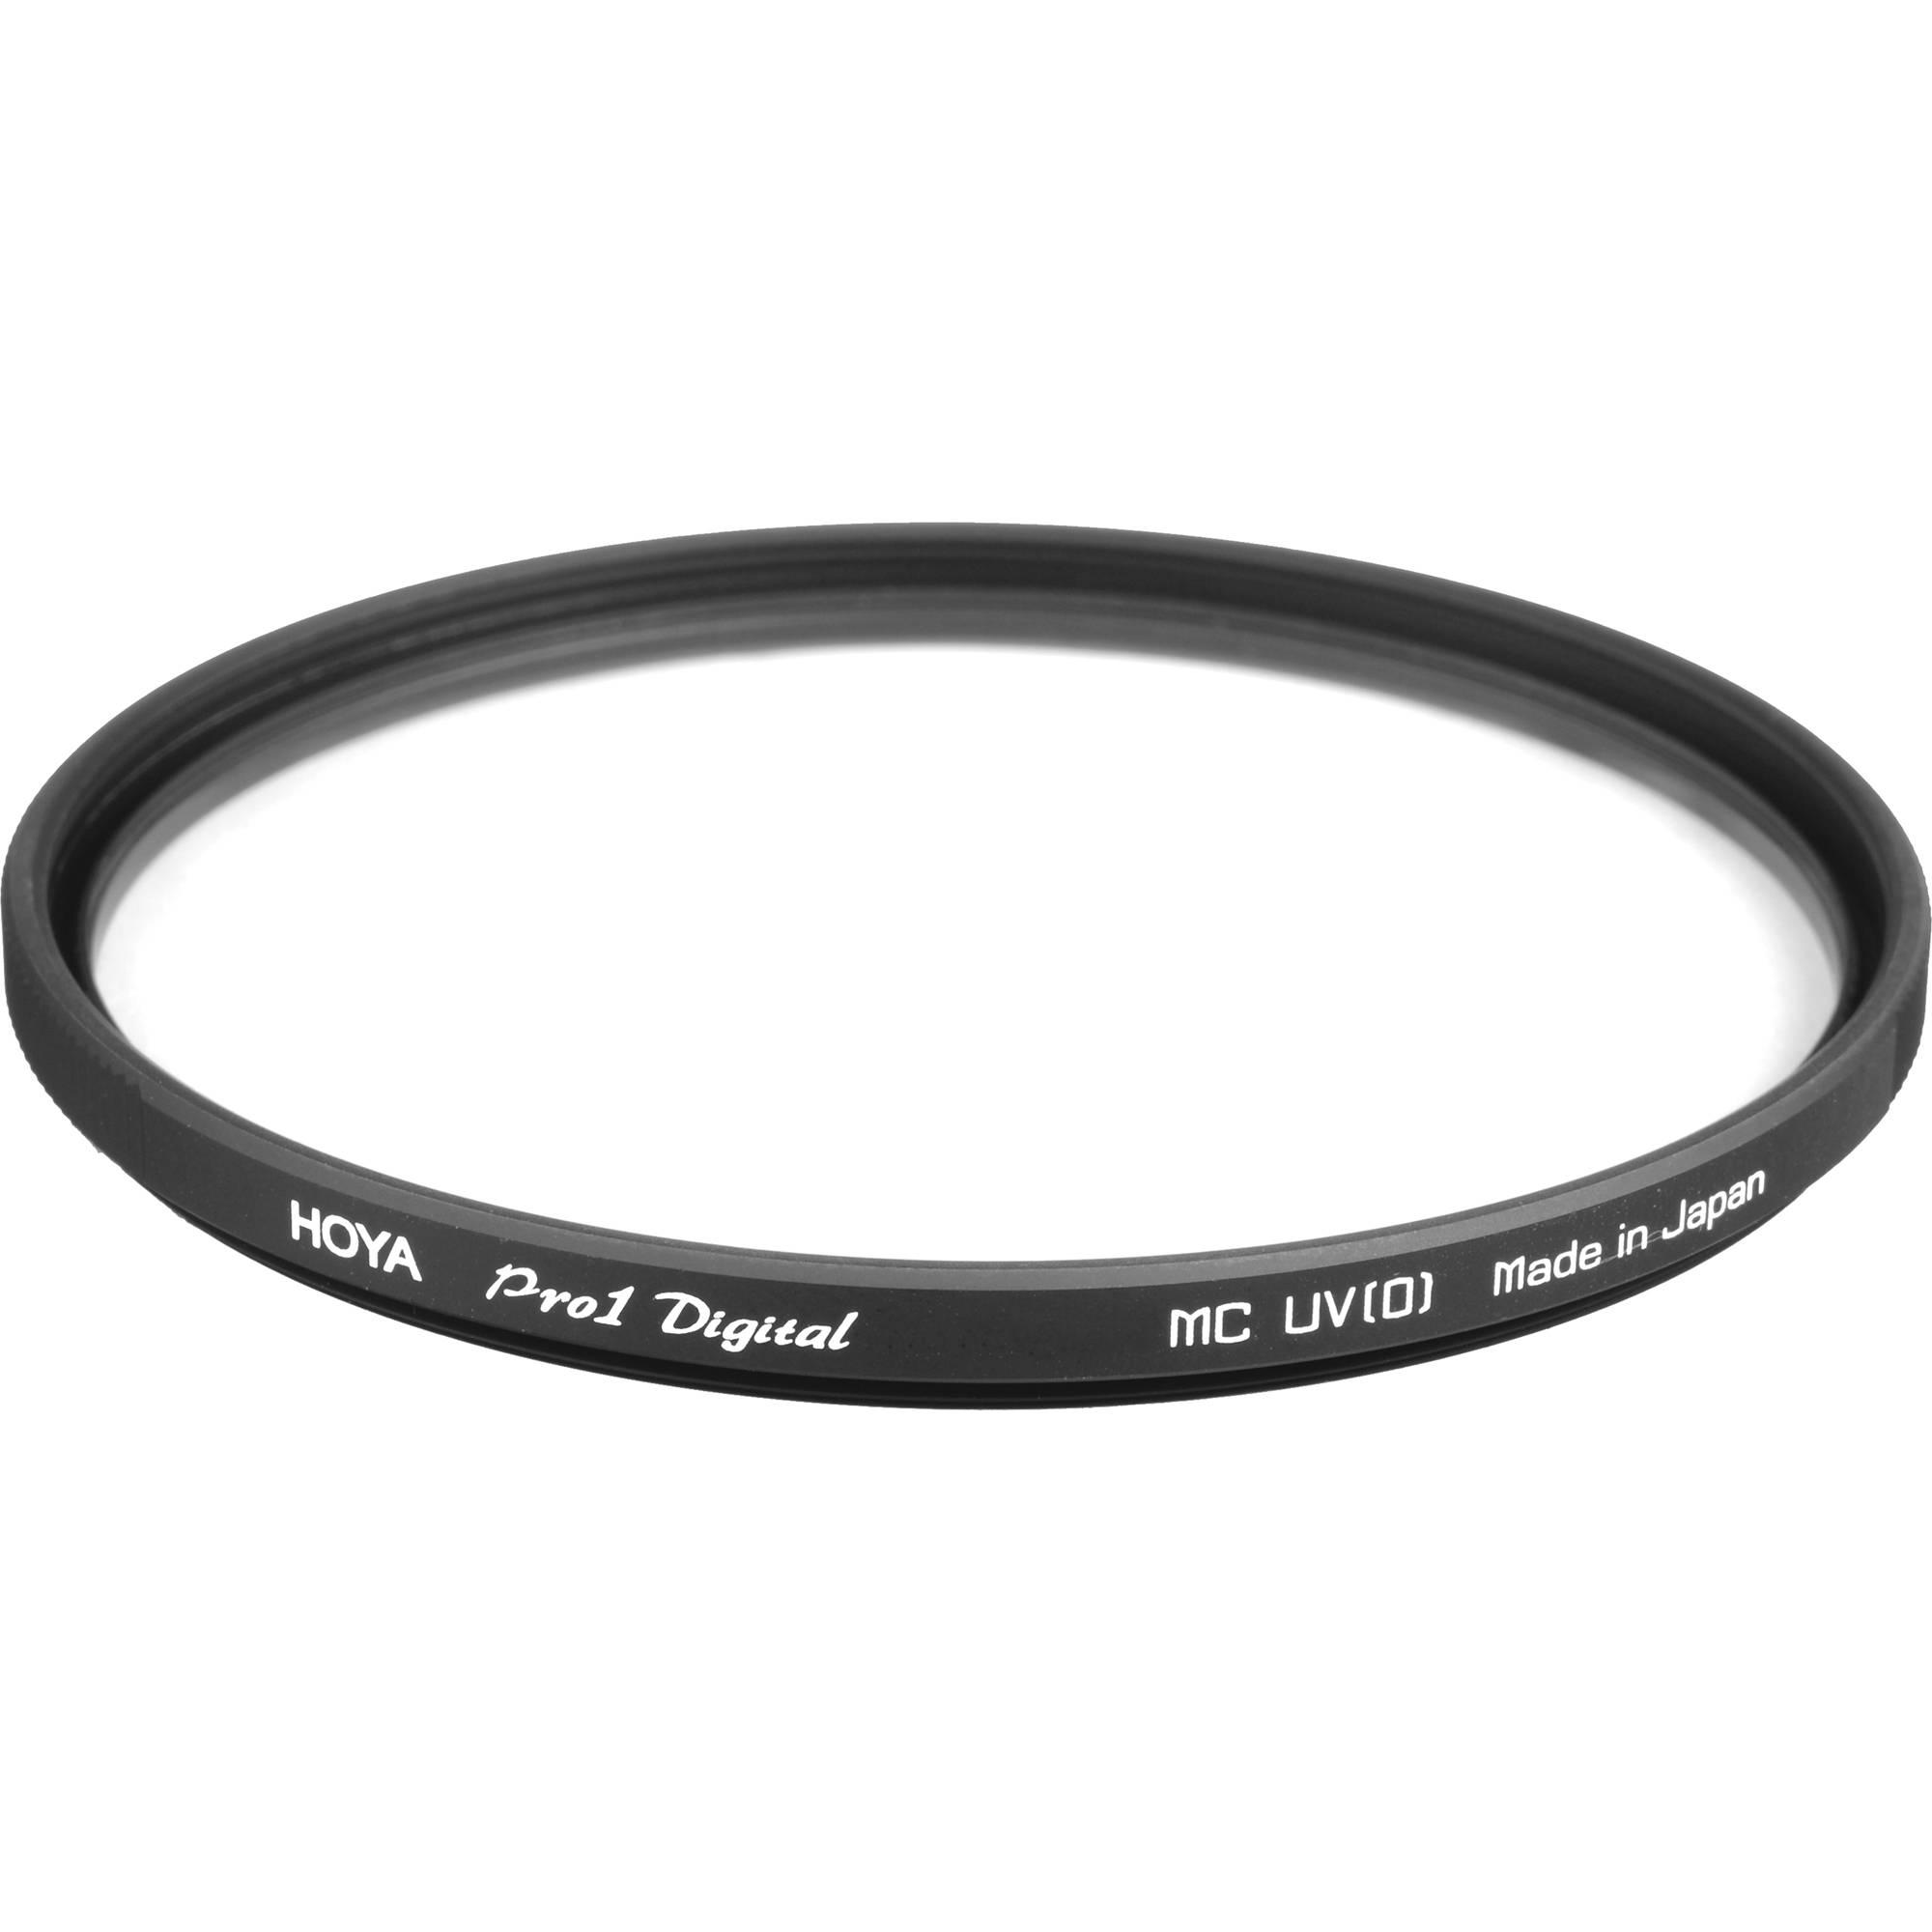 Hoya 1021 camera filter